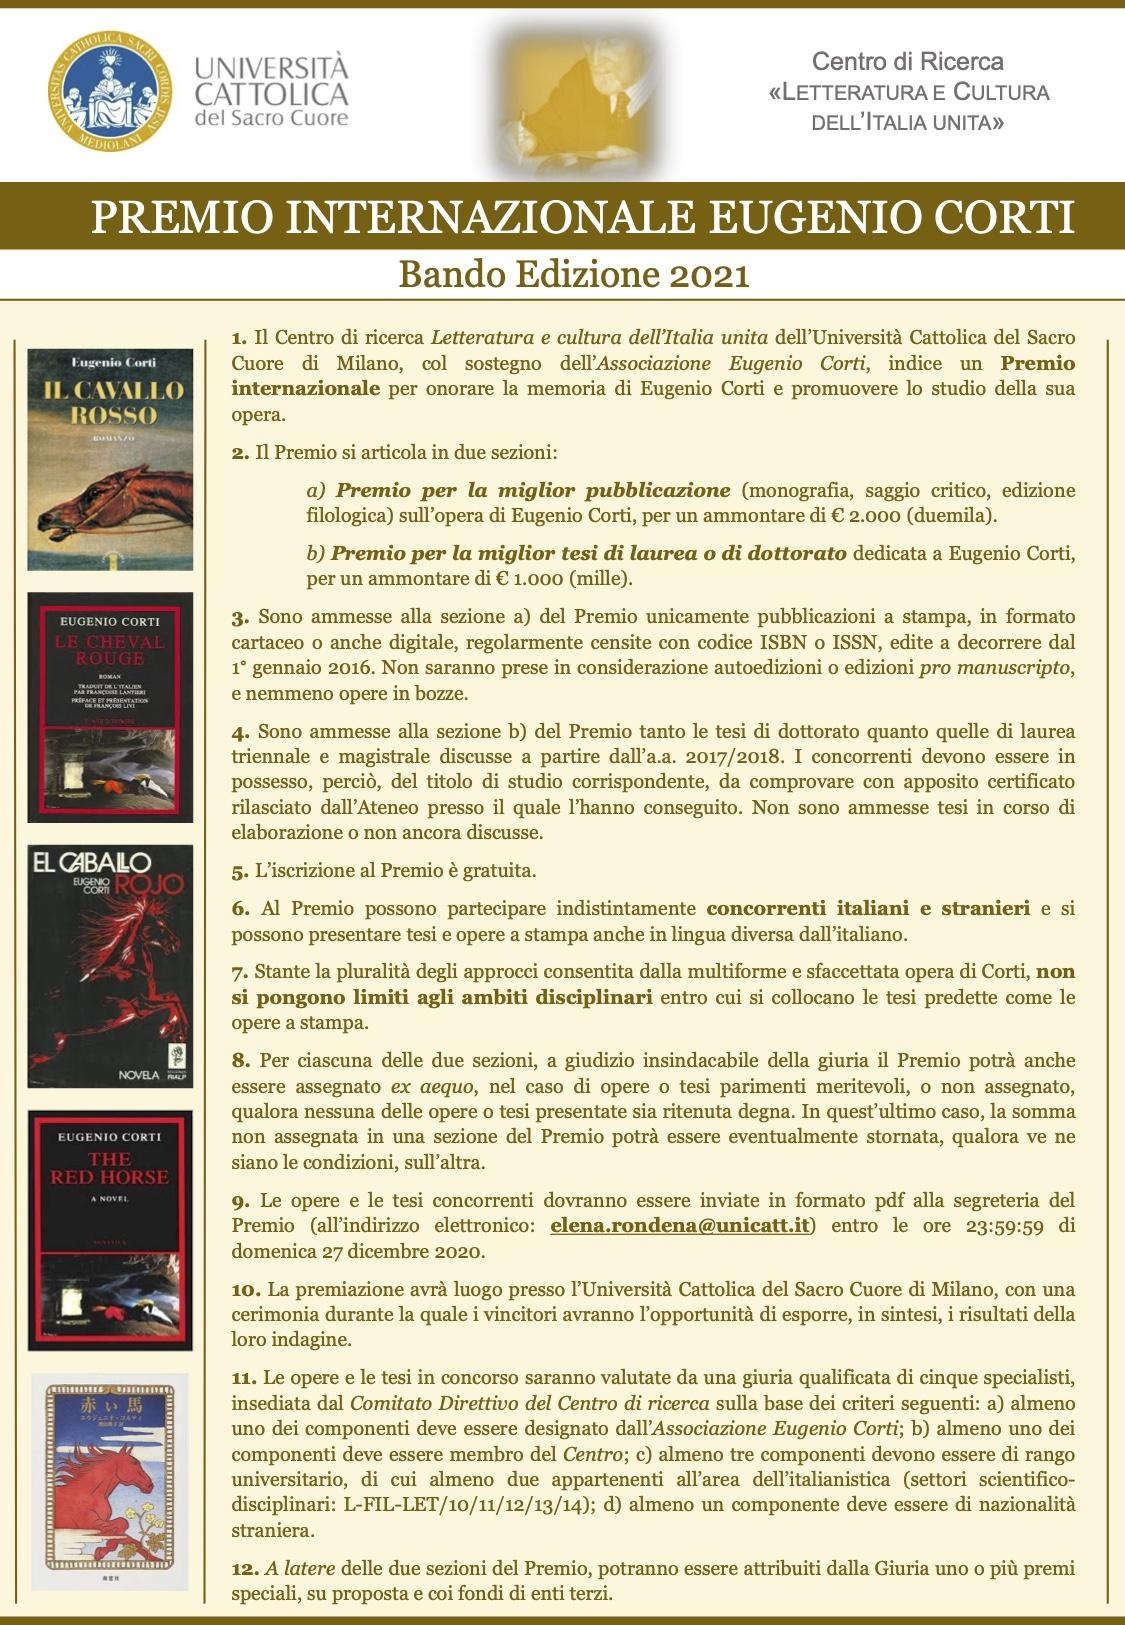 Premio Internazionale Eugenio Corti 2020